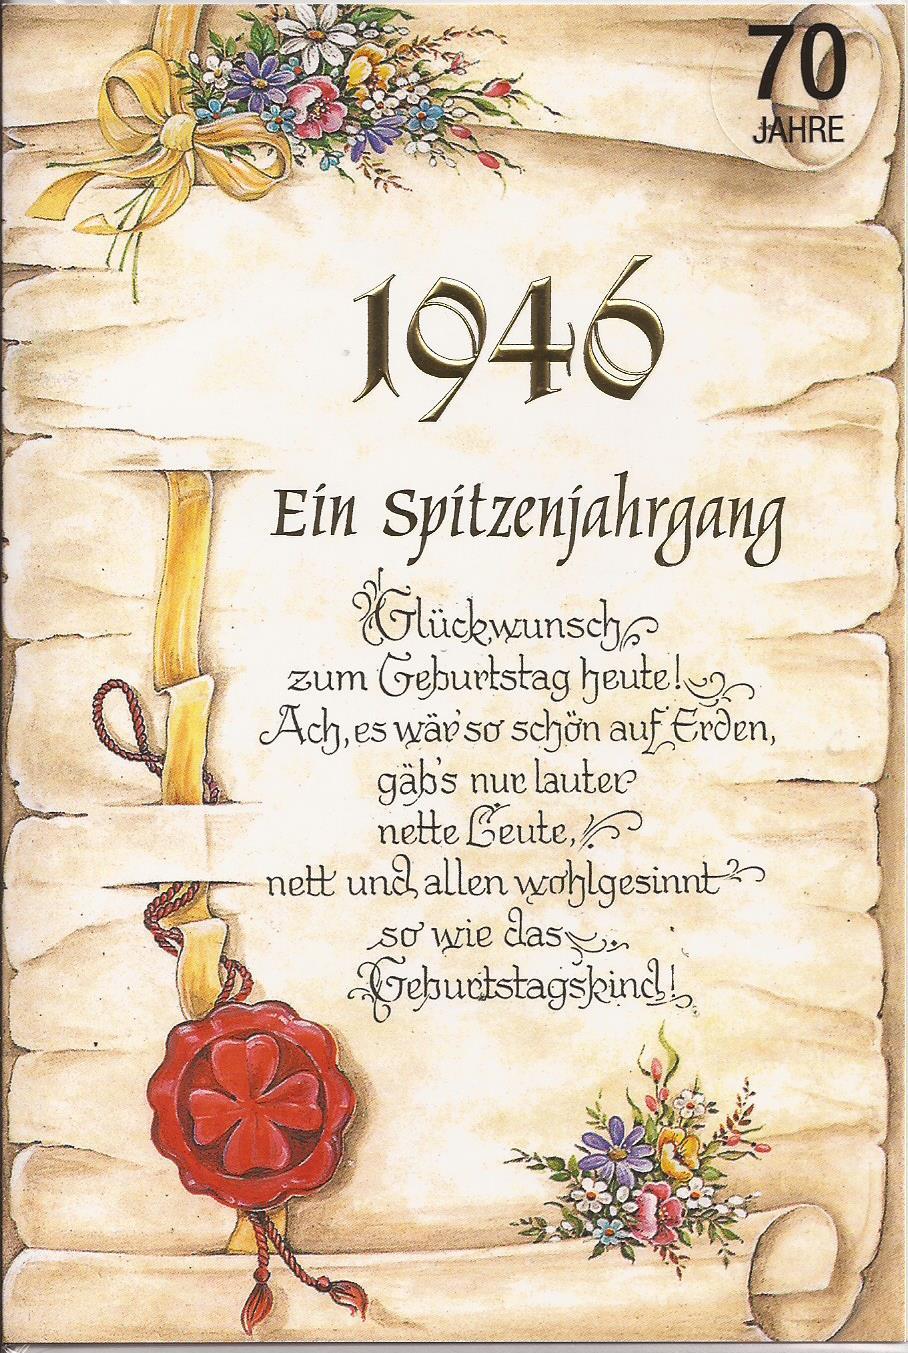 Geburtstagskarte Zum 70. Geburtstag   Ein Spitzenjahrgang 1946   BSB